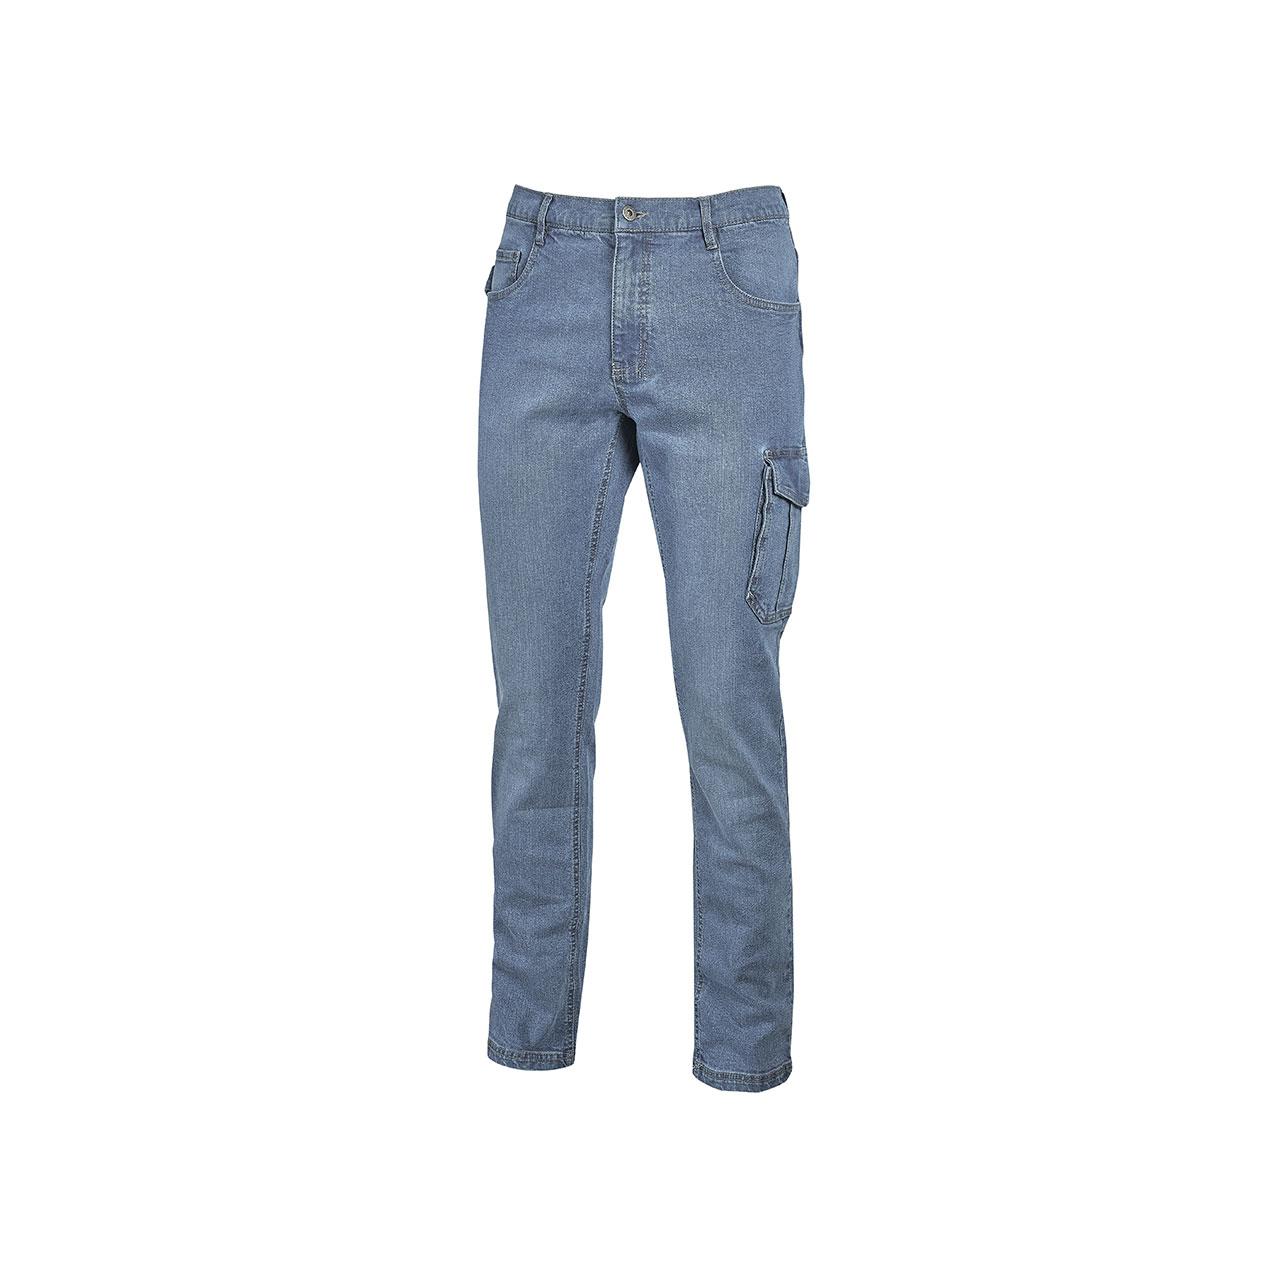 pantaloni da lavoro upower modello jam colore light jeans